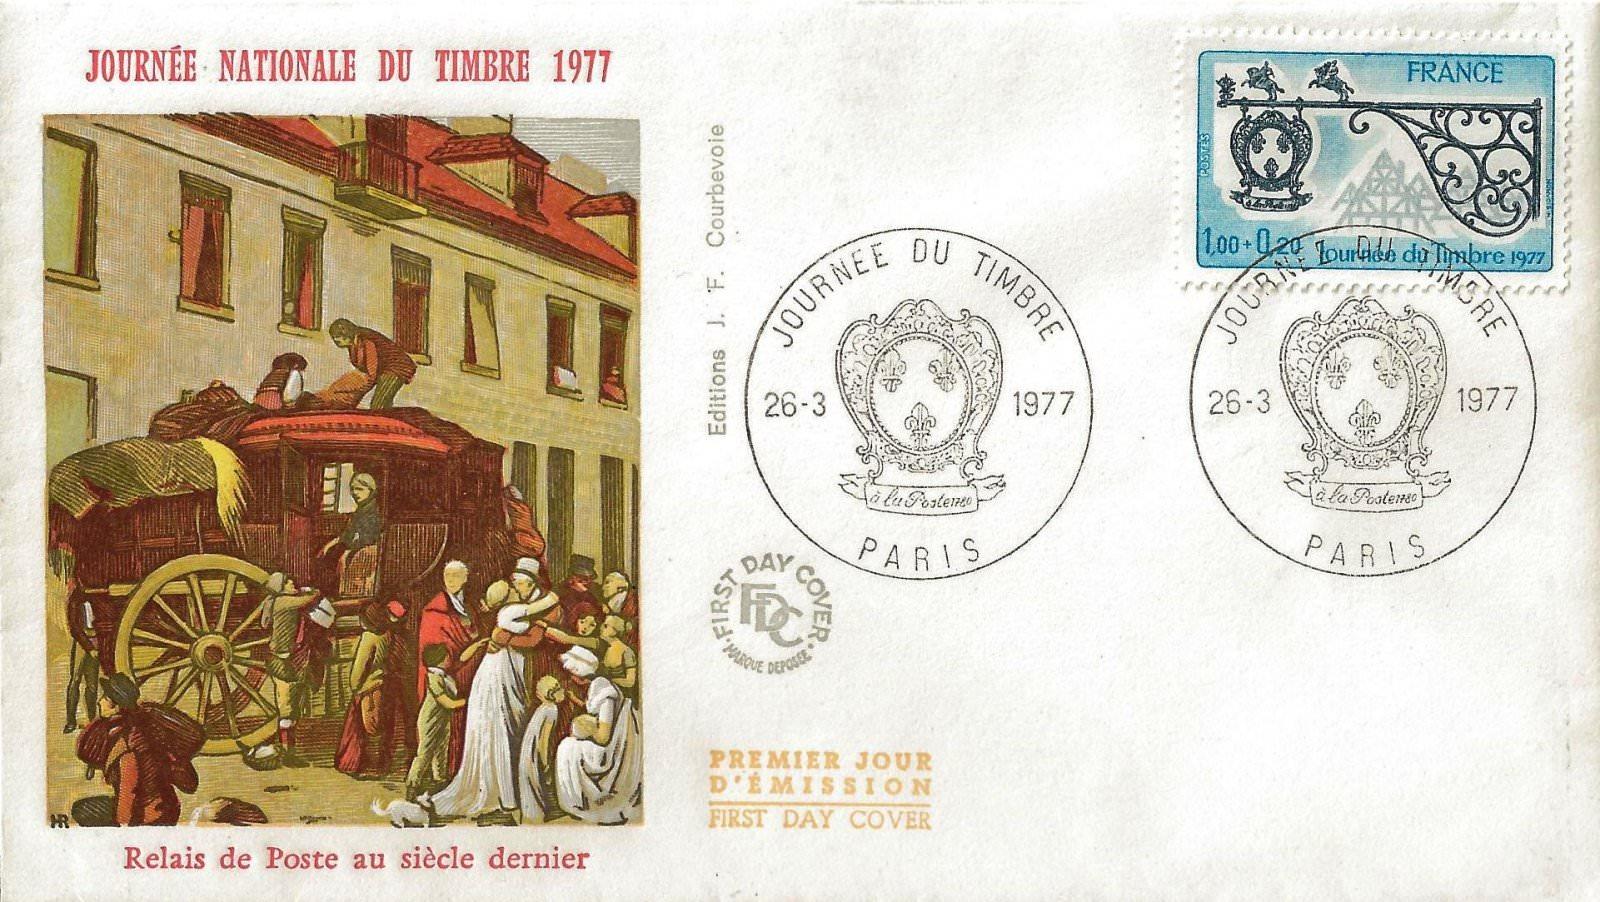 1977 journee du timbre relais de poste